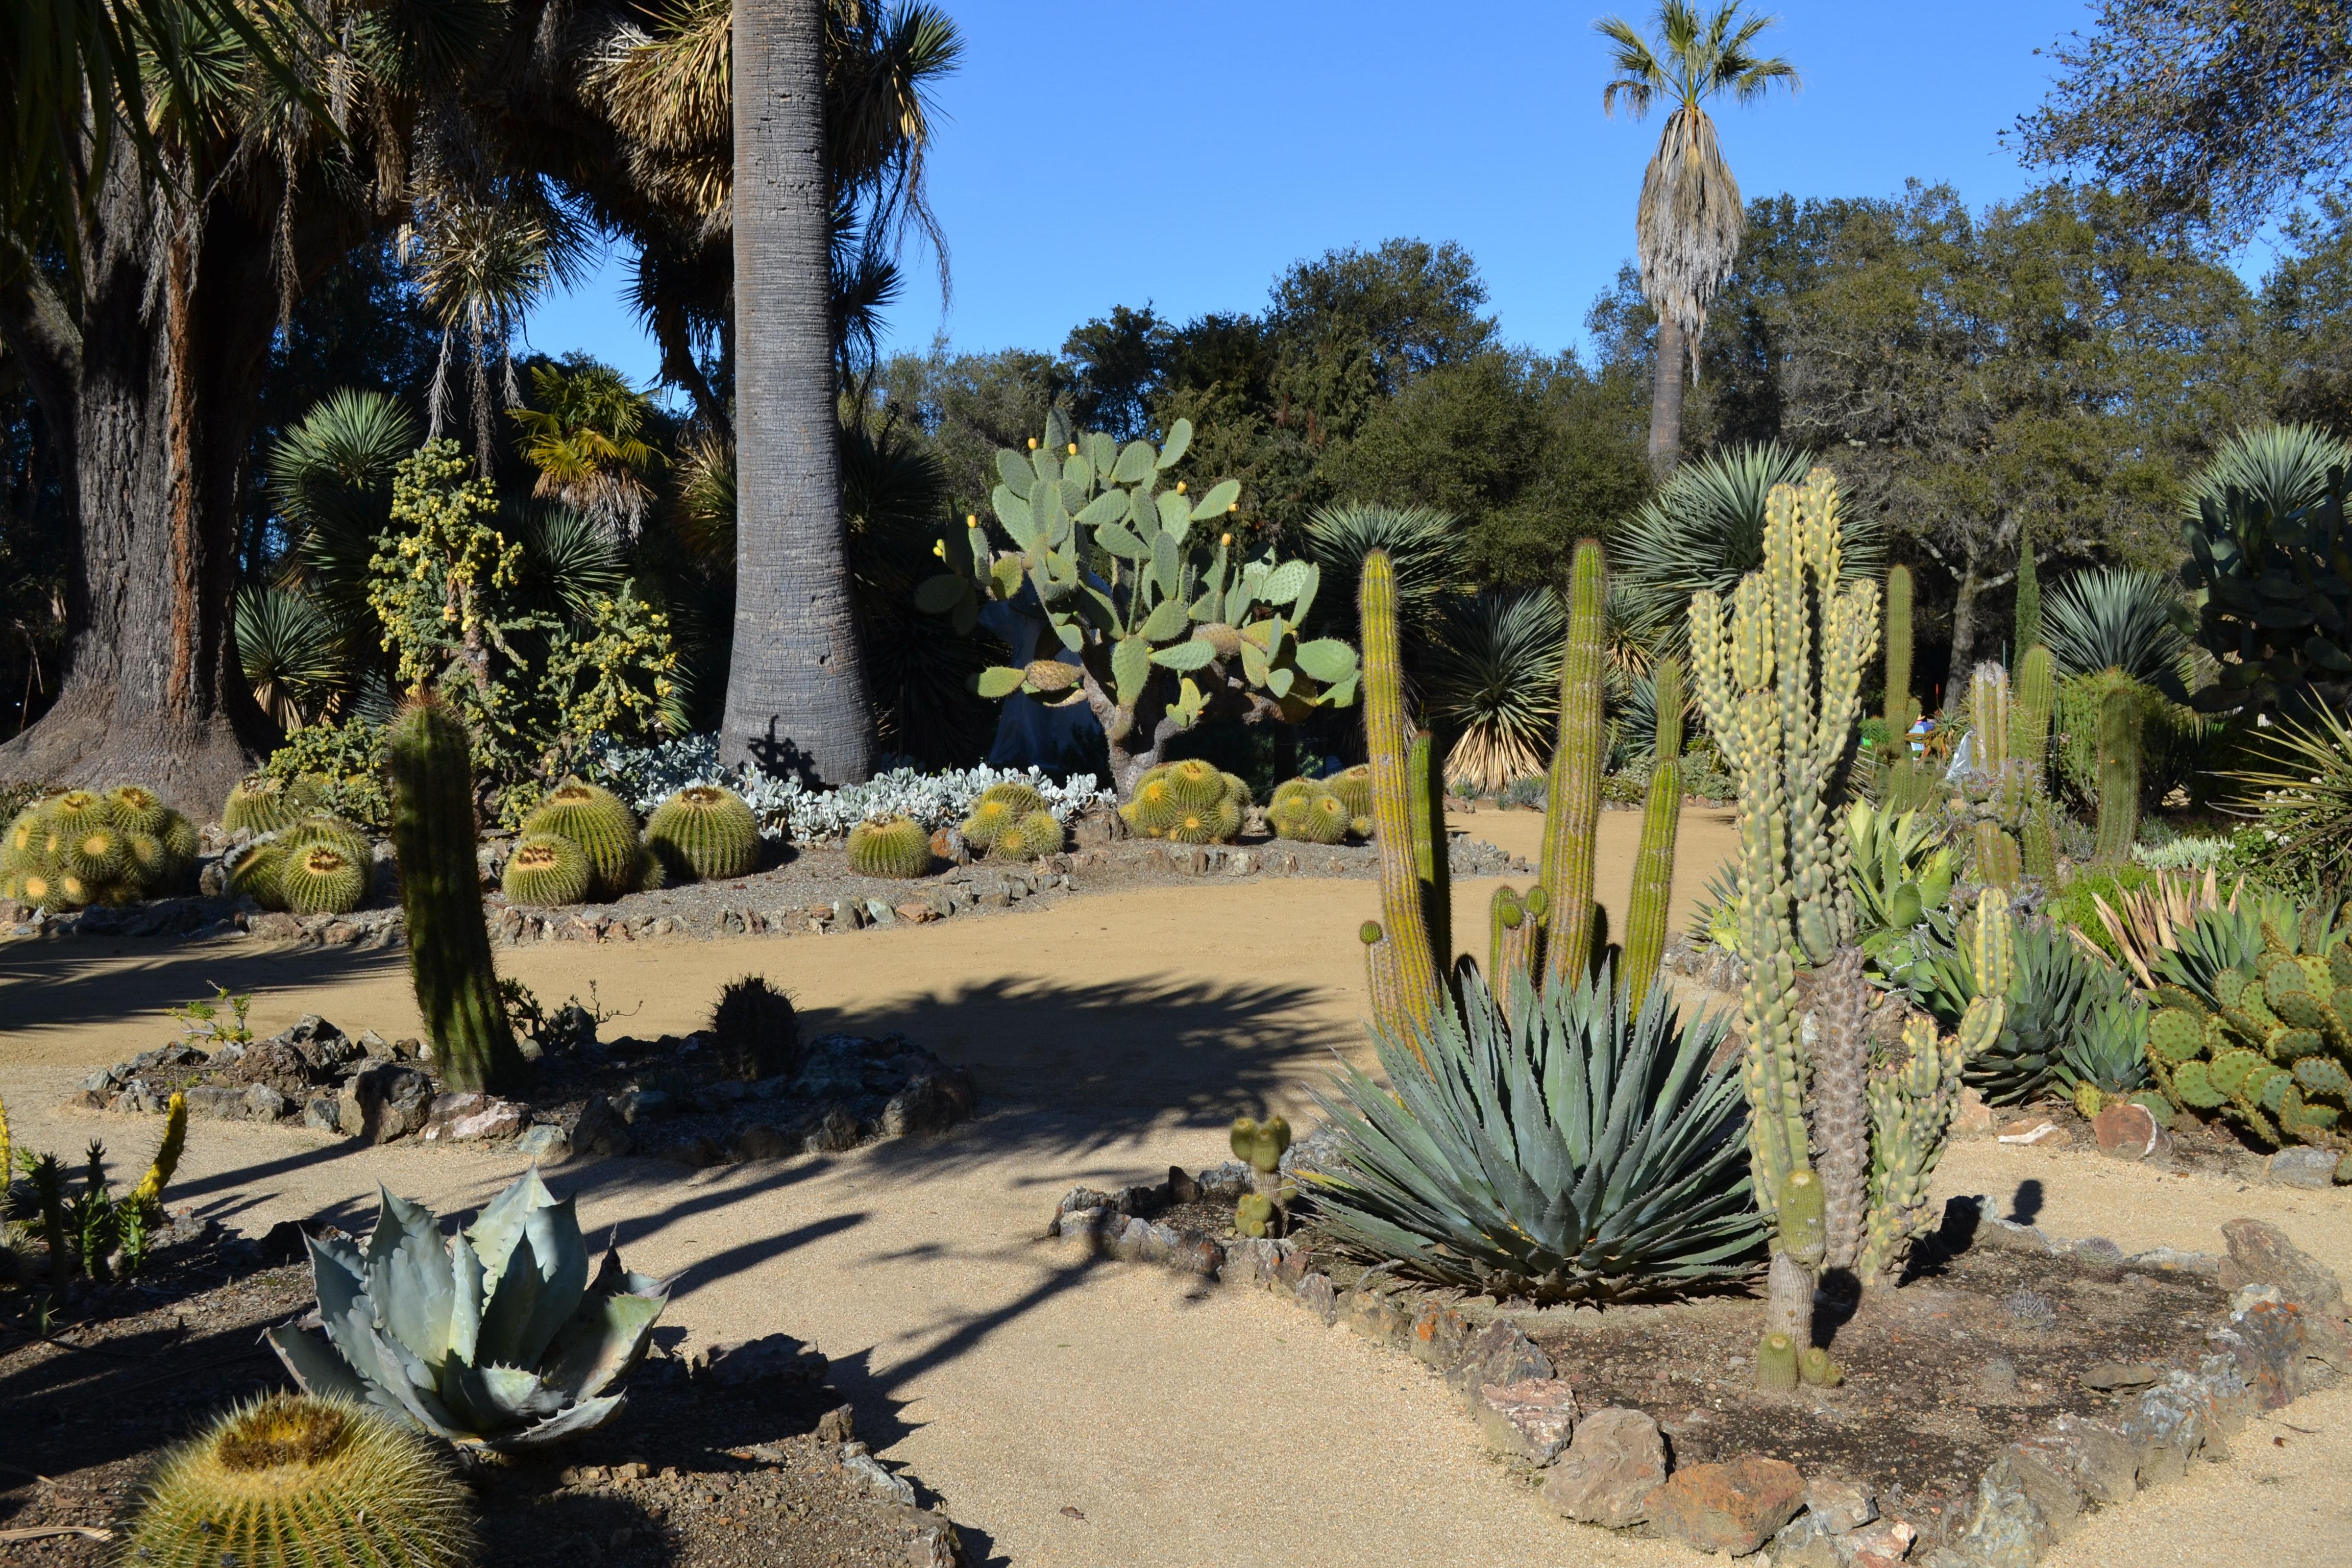 File:Arizona Cactus Garden At Stanford University 2.JPG